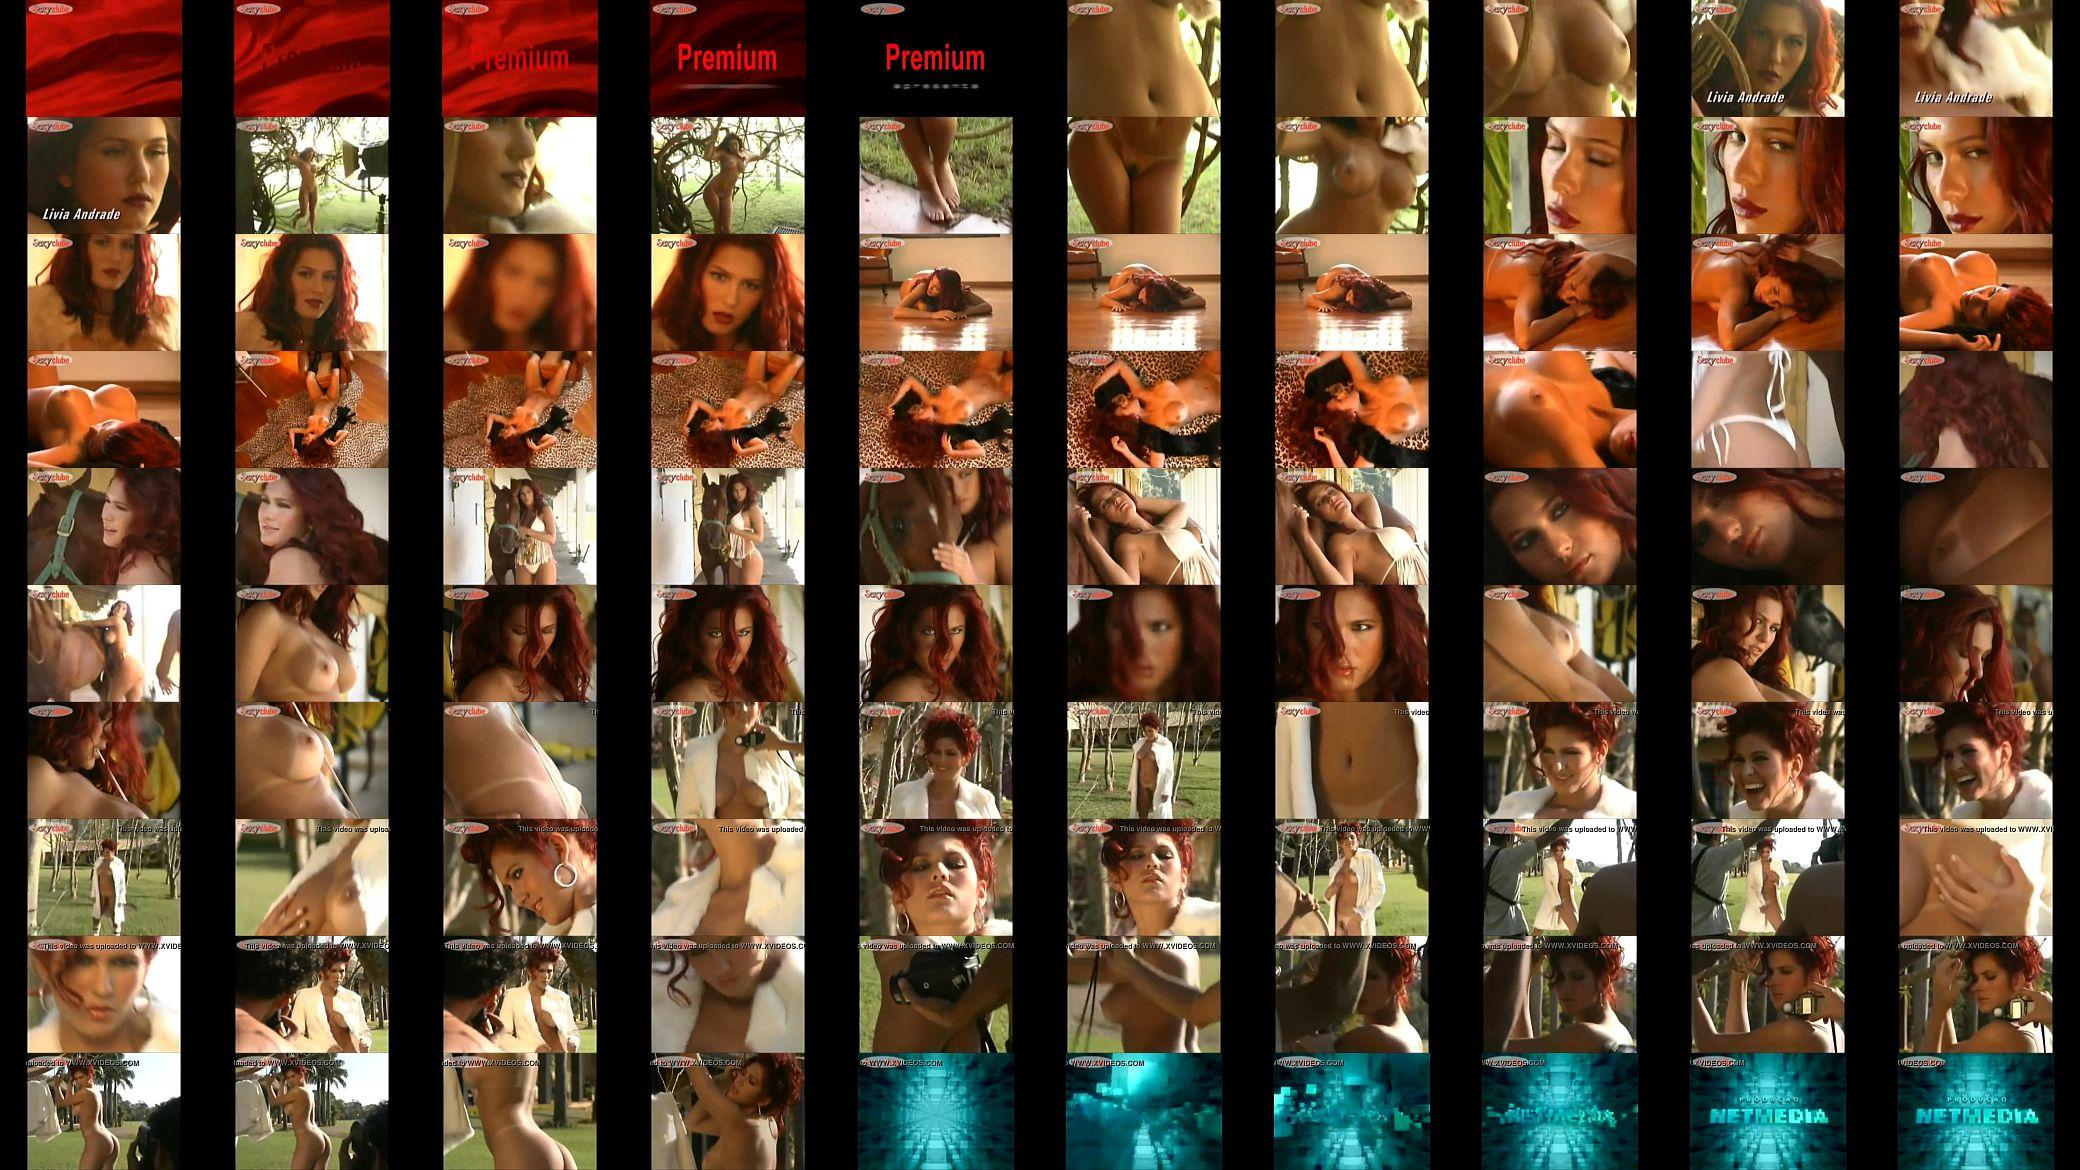 Fotos De Livia Andrade Pelada livia-andrade-pelada redband - xvideos